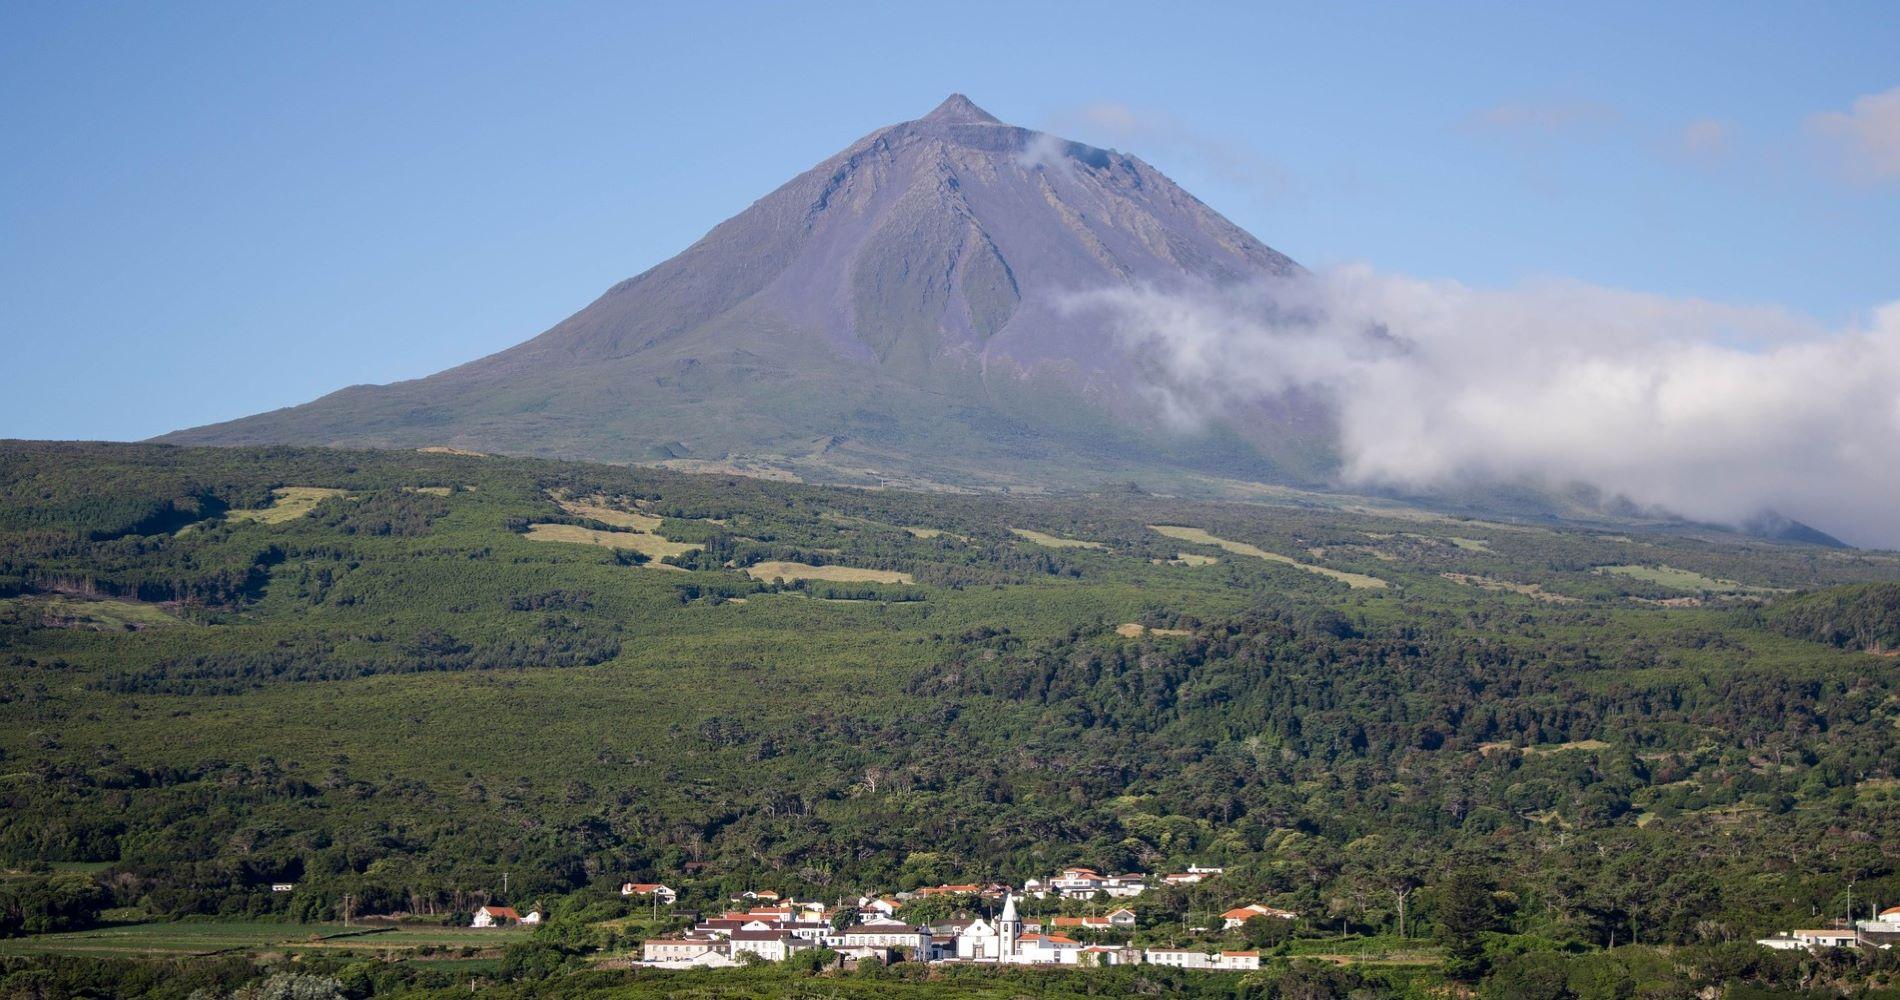 Mt Pico